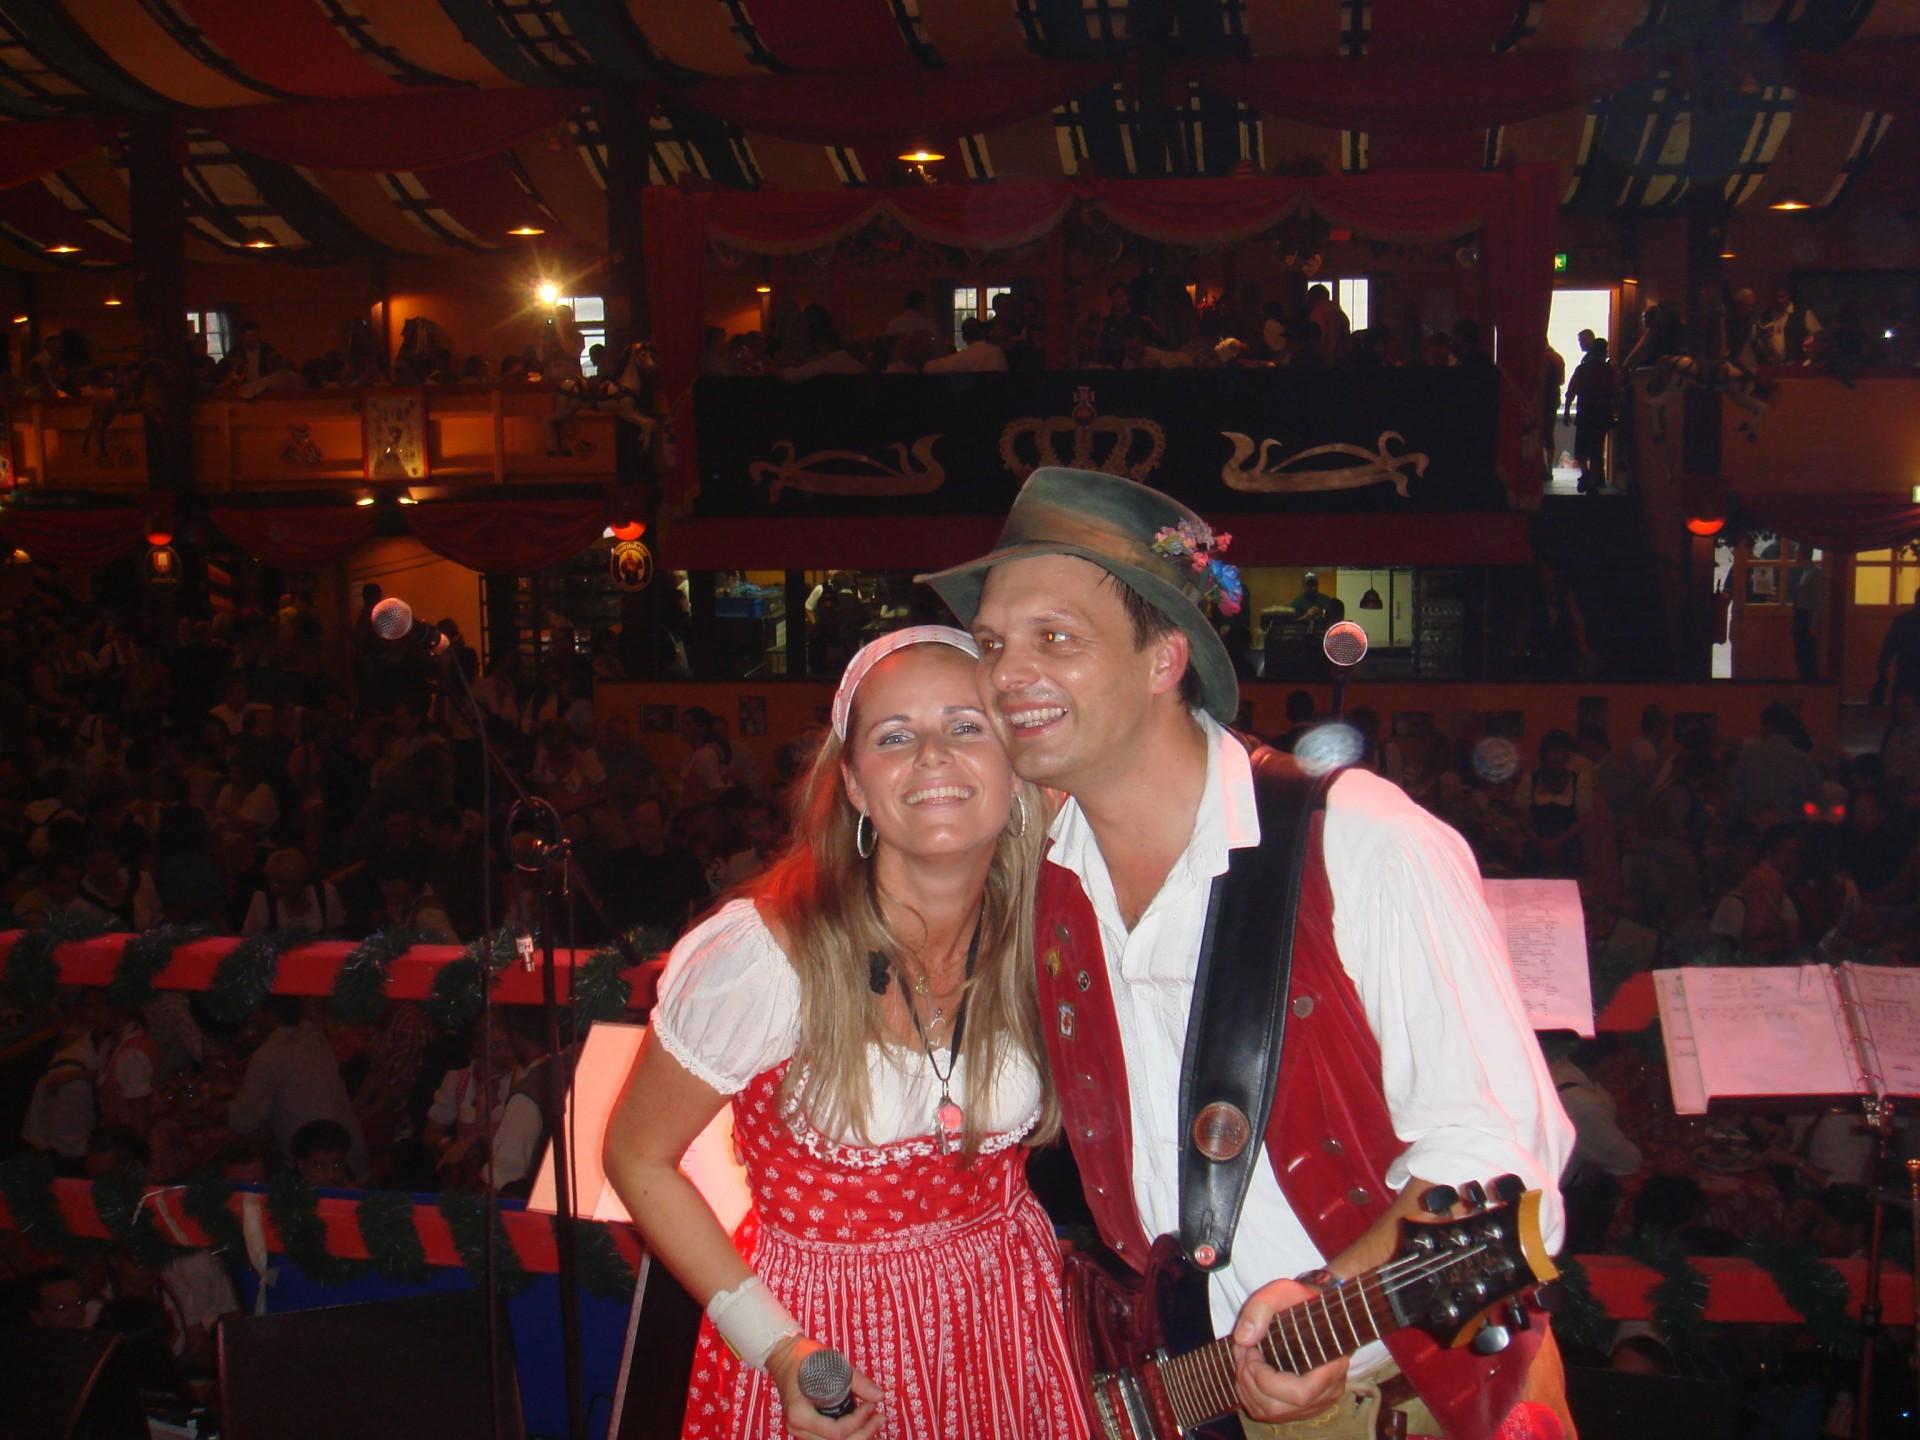 Simmisamma die Oktoberfestband – Konzert Hippodrom Oktoberfest München Deutschland 81